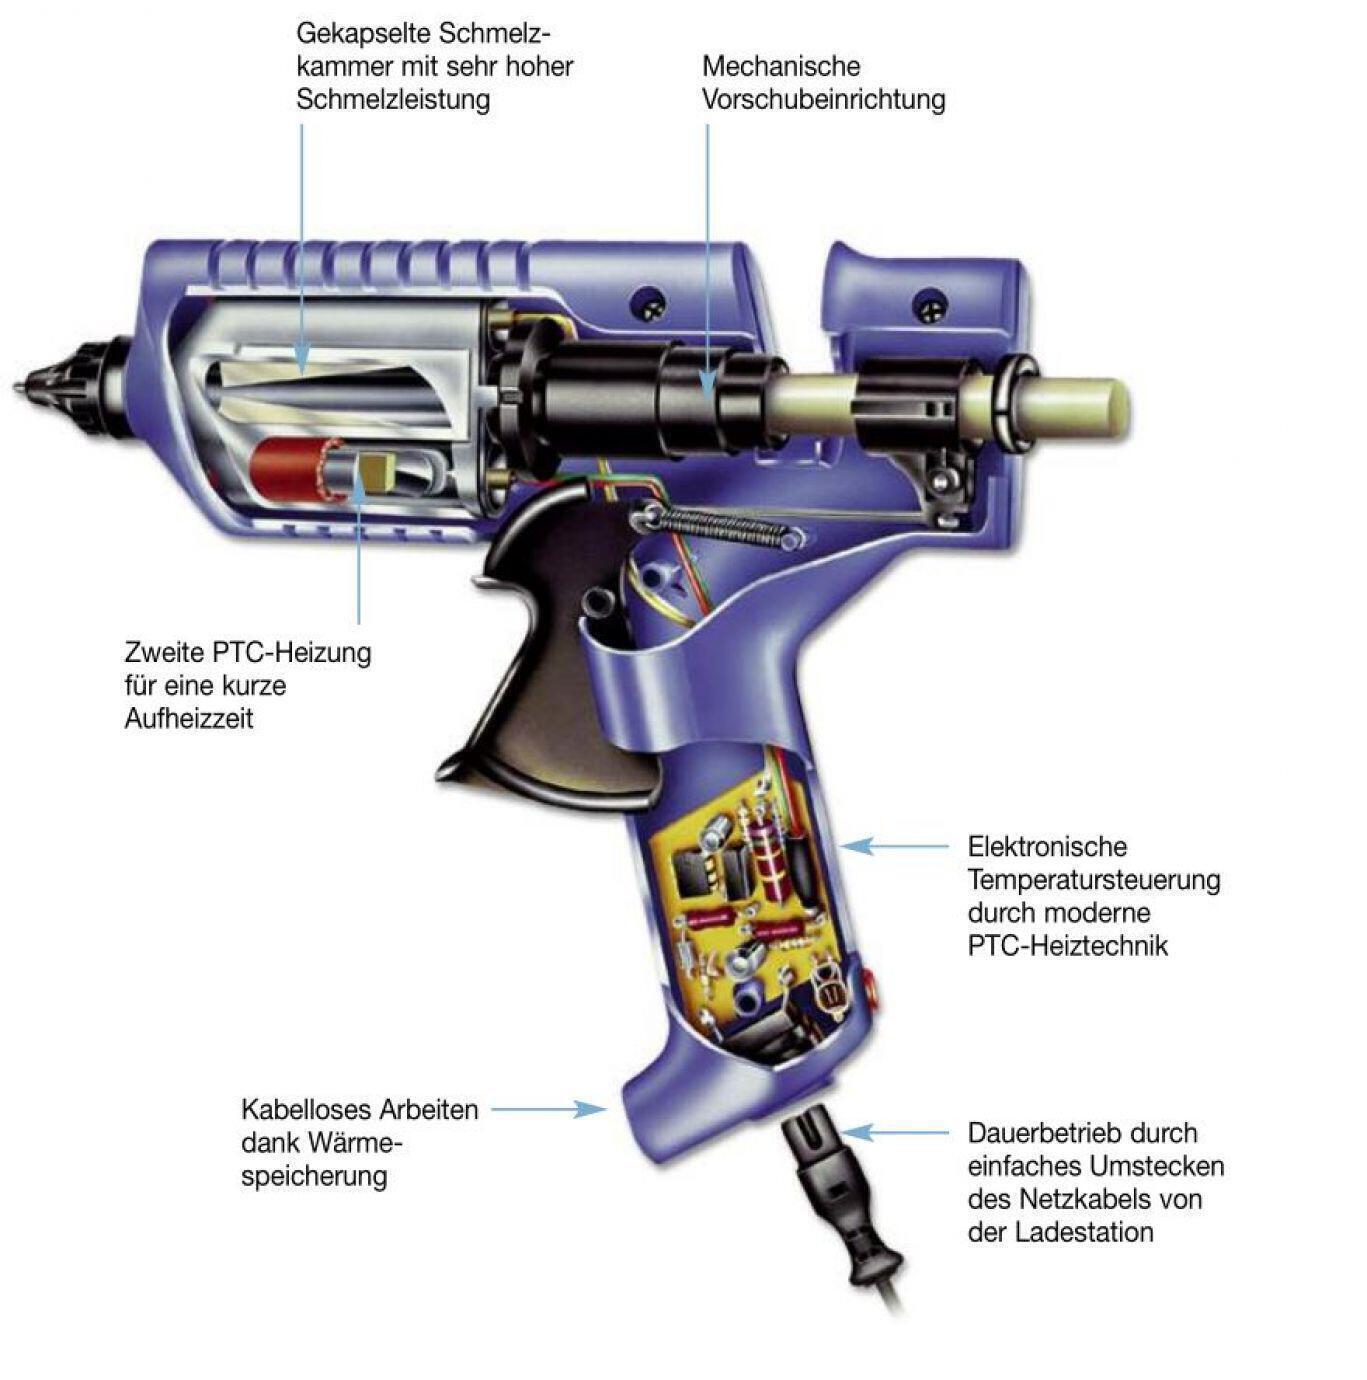 Bild einer offenen Heißklebepistole mit Erklärungstexten zur Funktionsweise